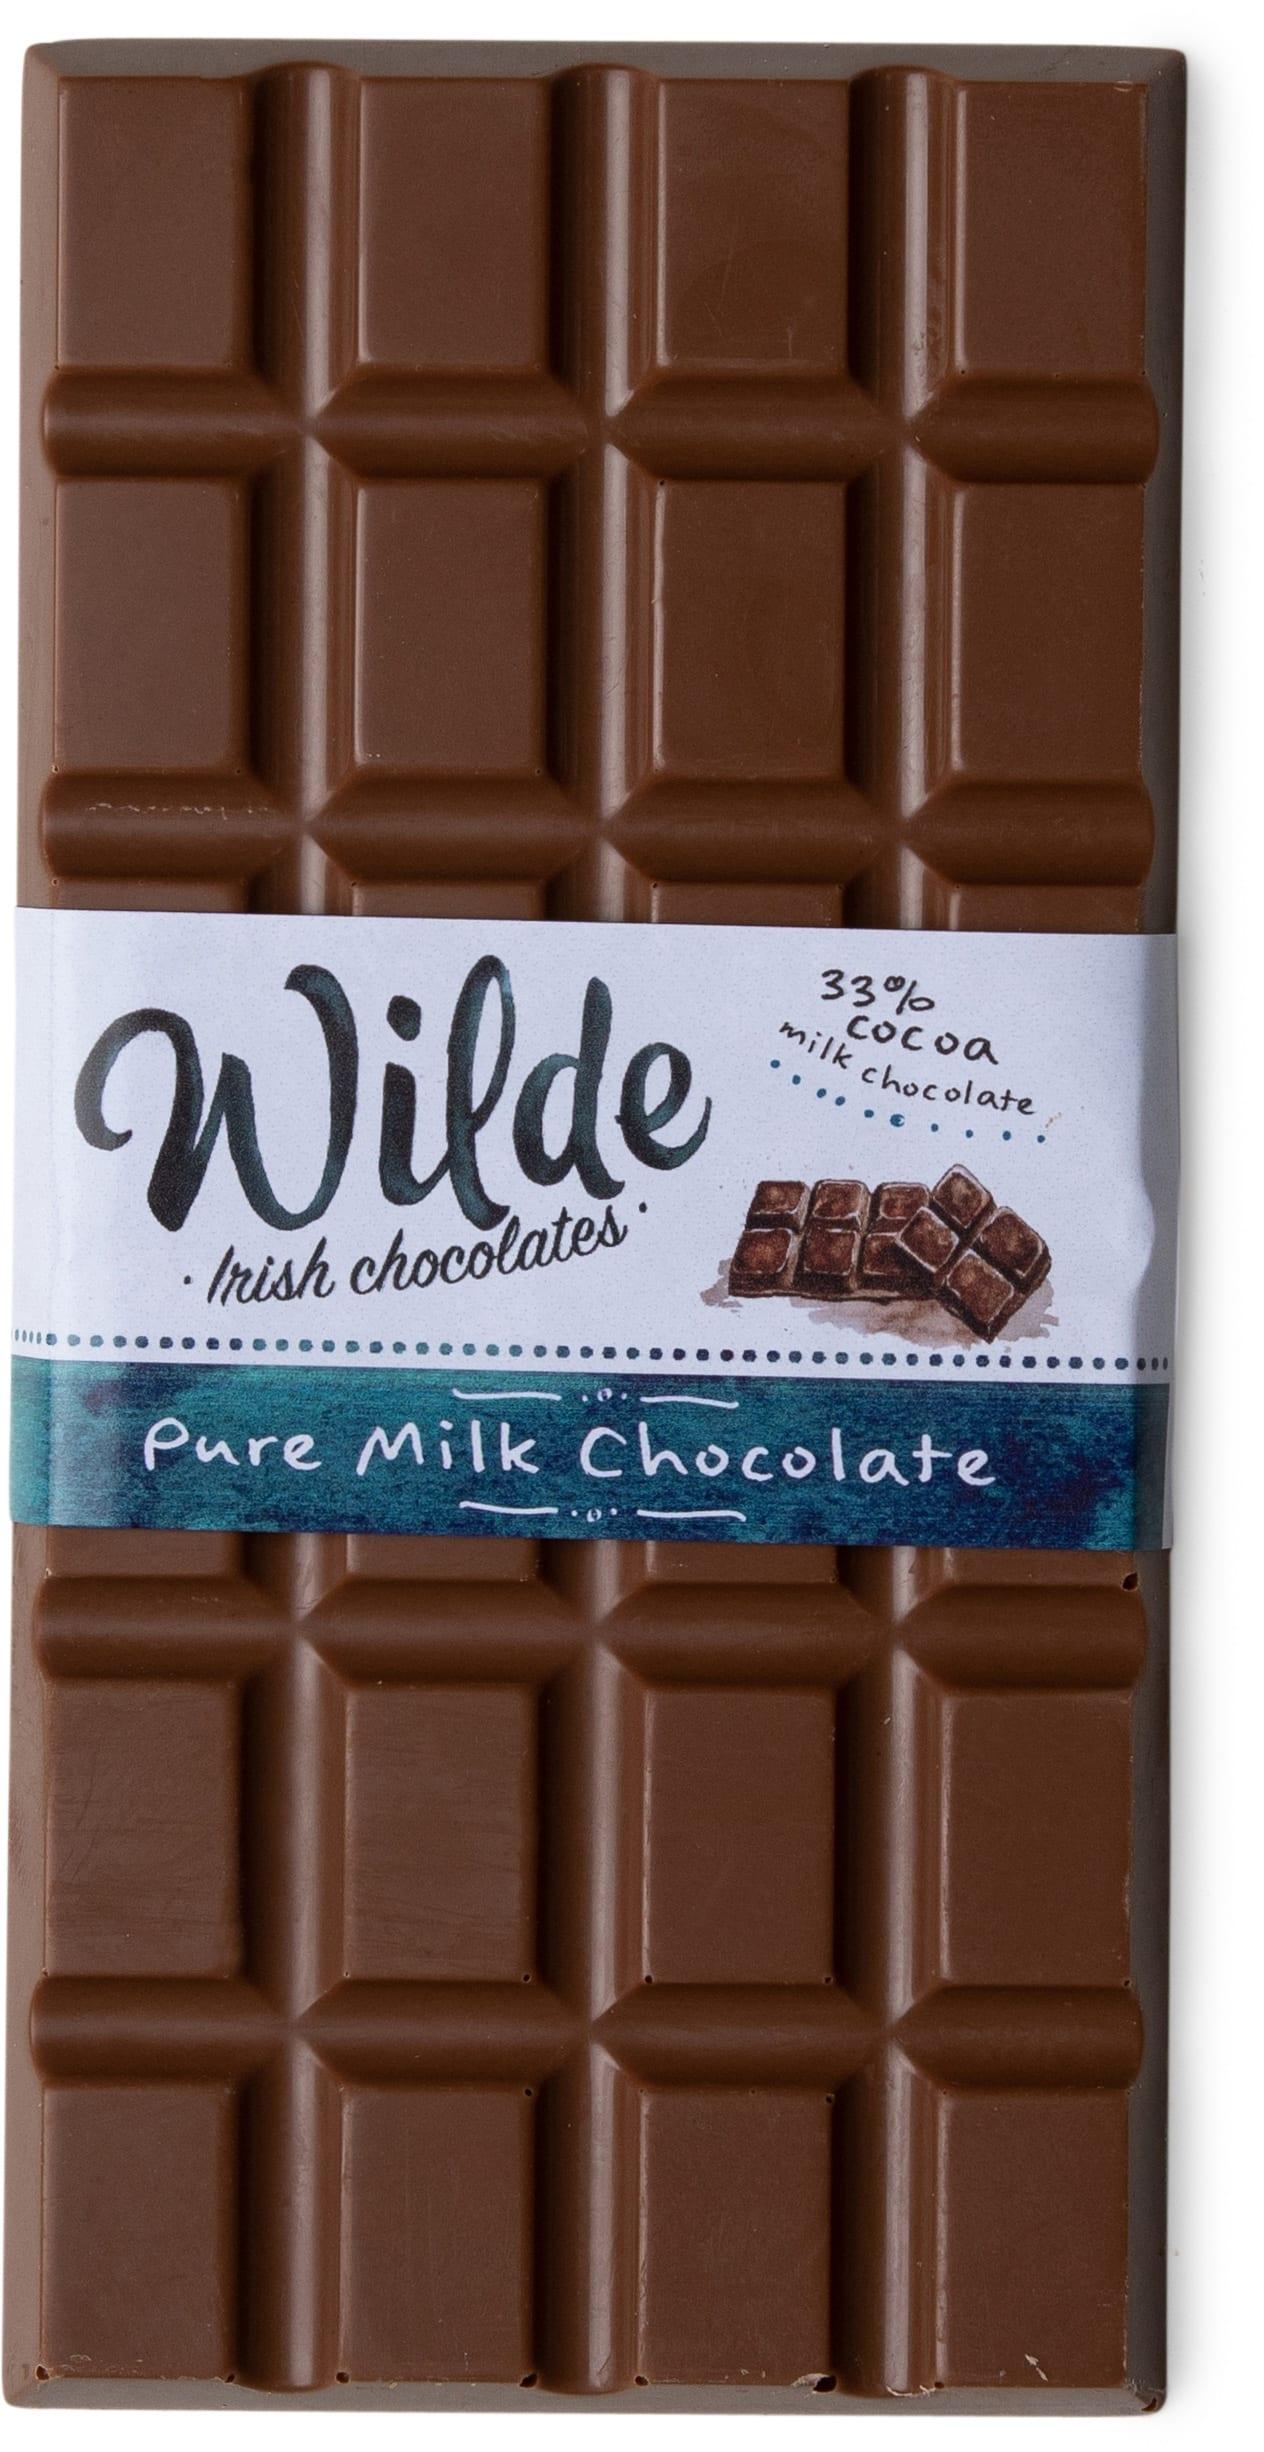 Pure milk chocolate bar - Wilde Irish Chocolates